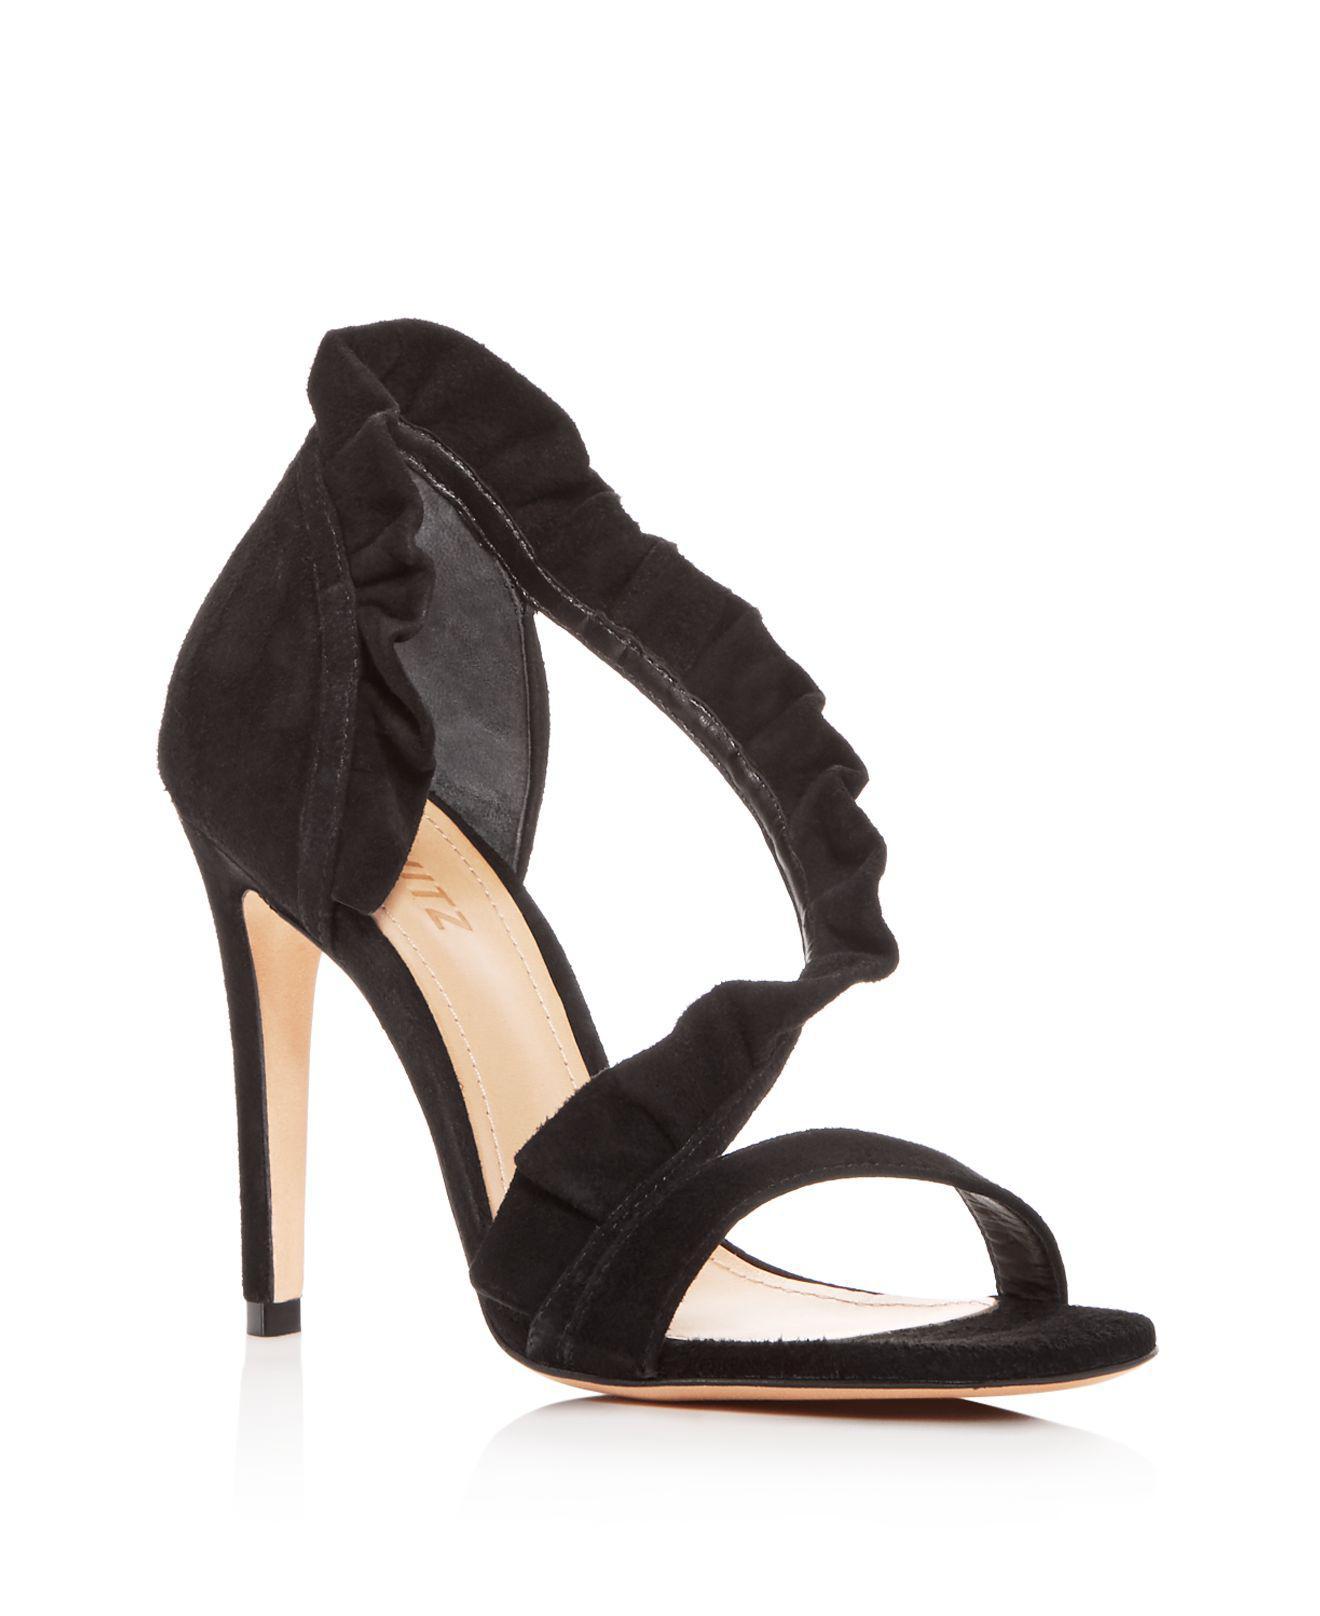 Schutz Women's Aime Ruffled Suede High-Heel Sandals PLXQSq